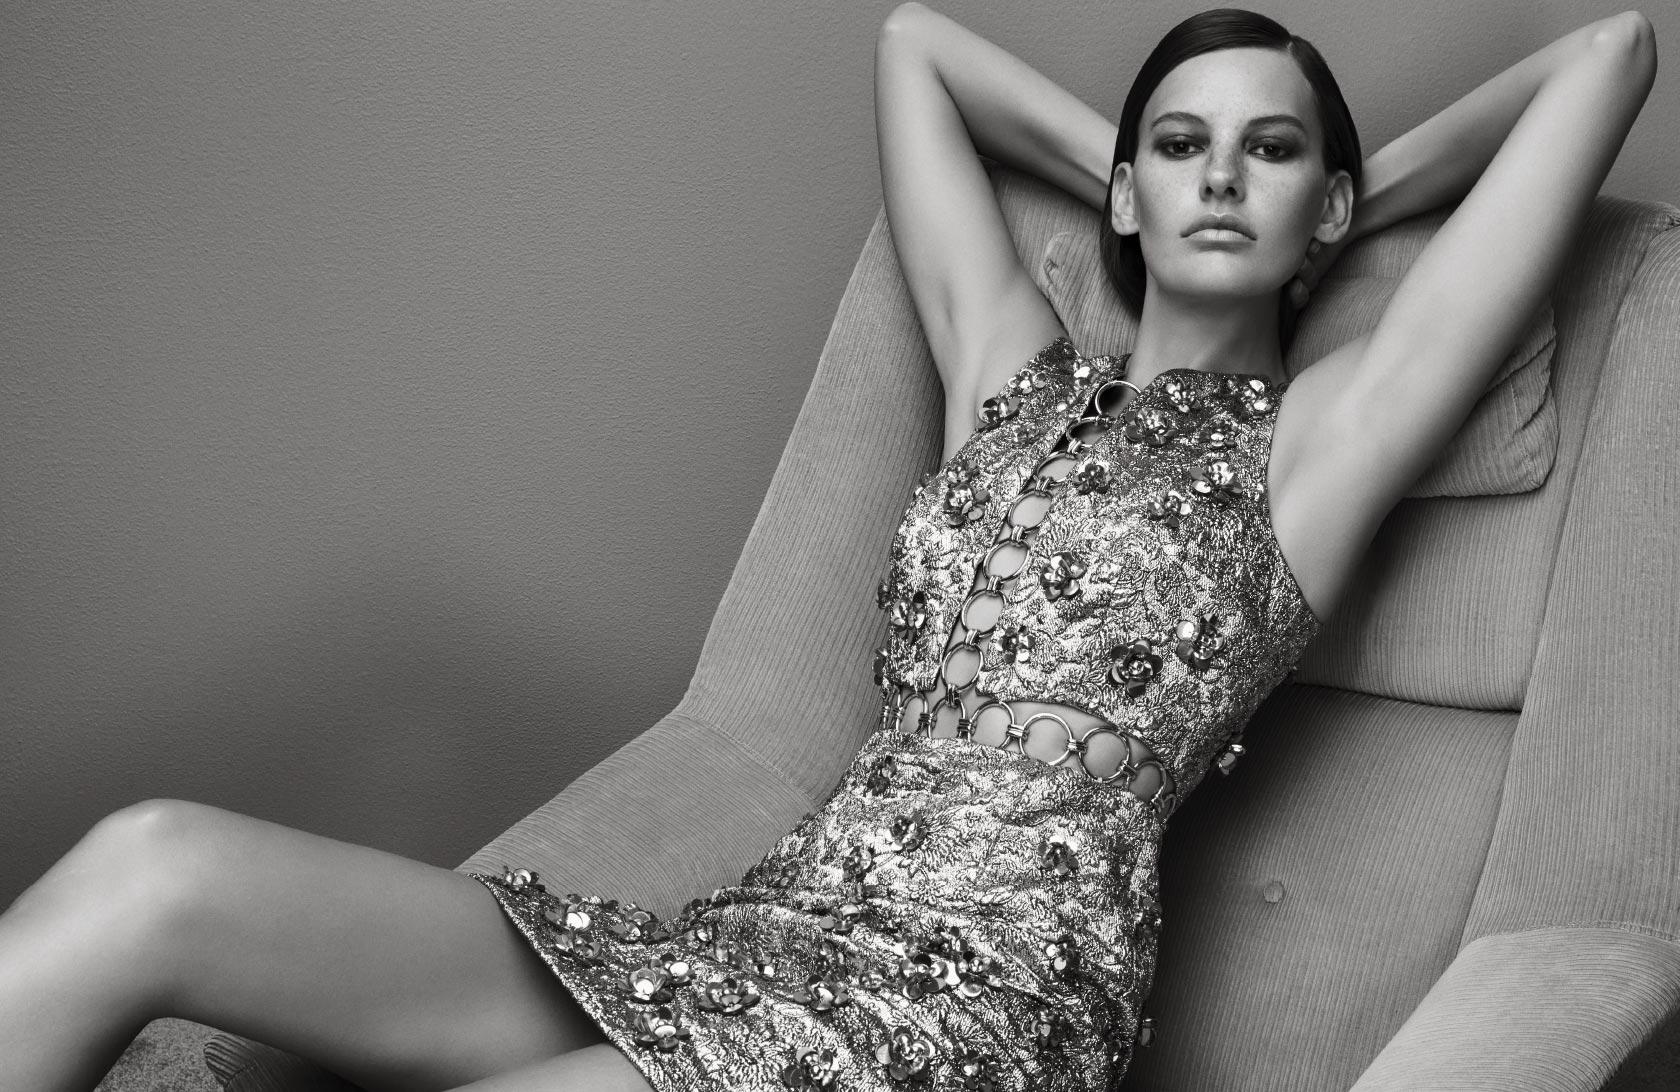 장식적인 드레스 한 벌에는 다른 액세서리가 필요 없다. 비즈와 메탈 장식이 더해진 자카드 소재 드레스는 가격 미정으로 Michael Kors Collection 제품.